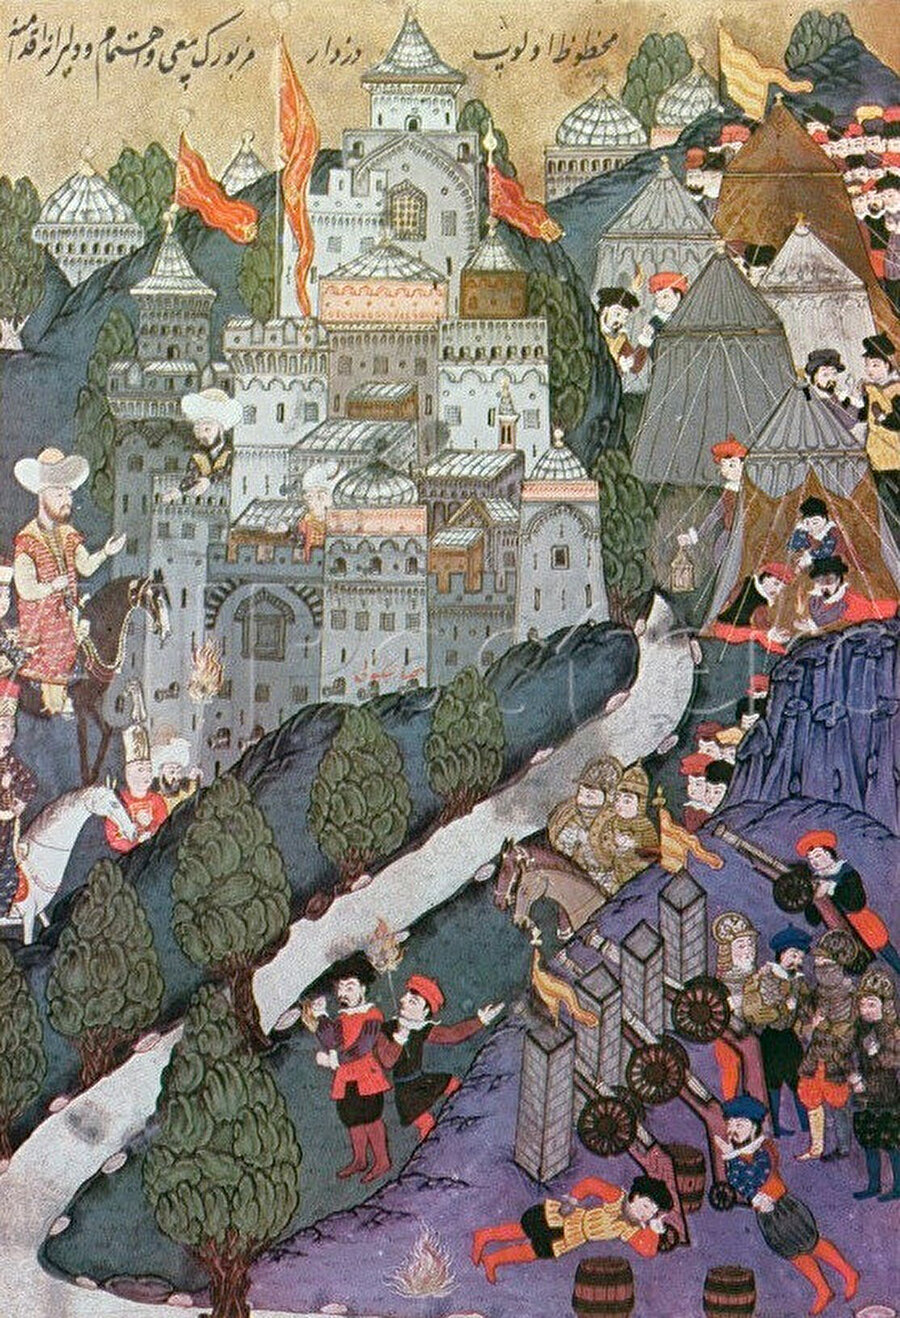 1396 yılına ait Kuşatma altındaki Niğbolu kalesi gösteren minyatür, Topkapı Sarayı, İstanbul.